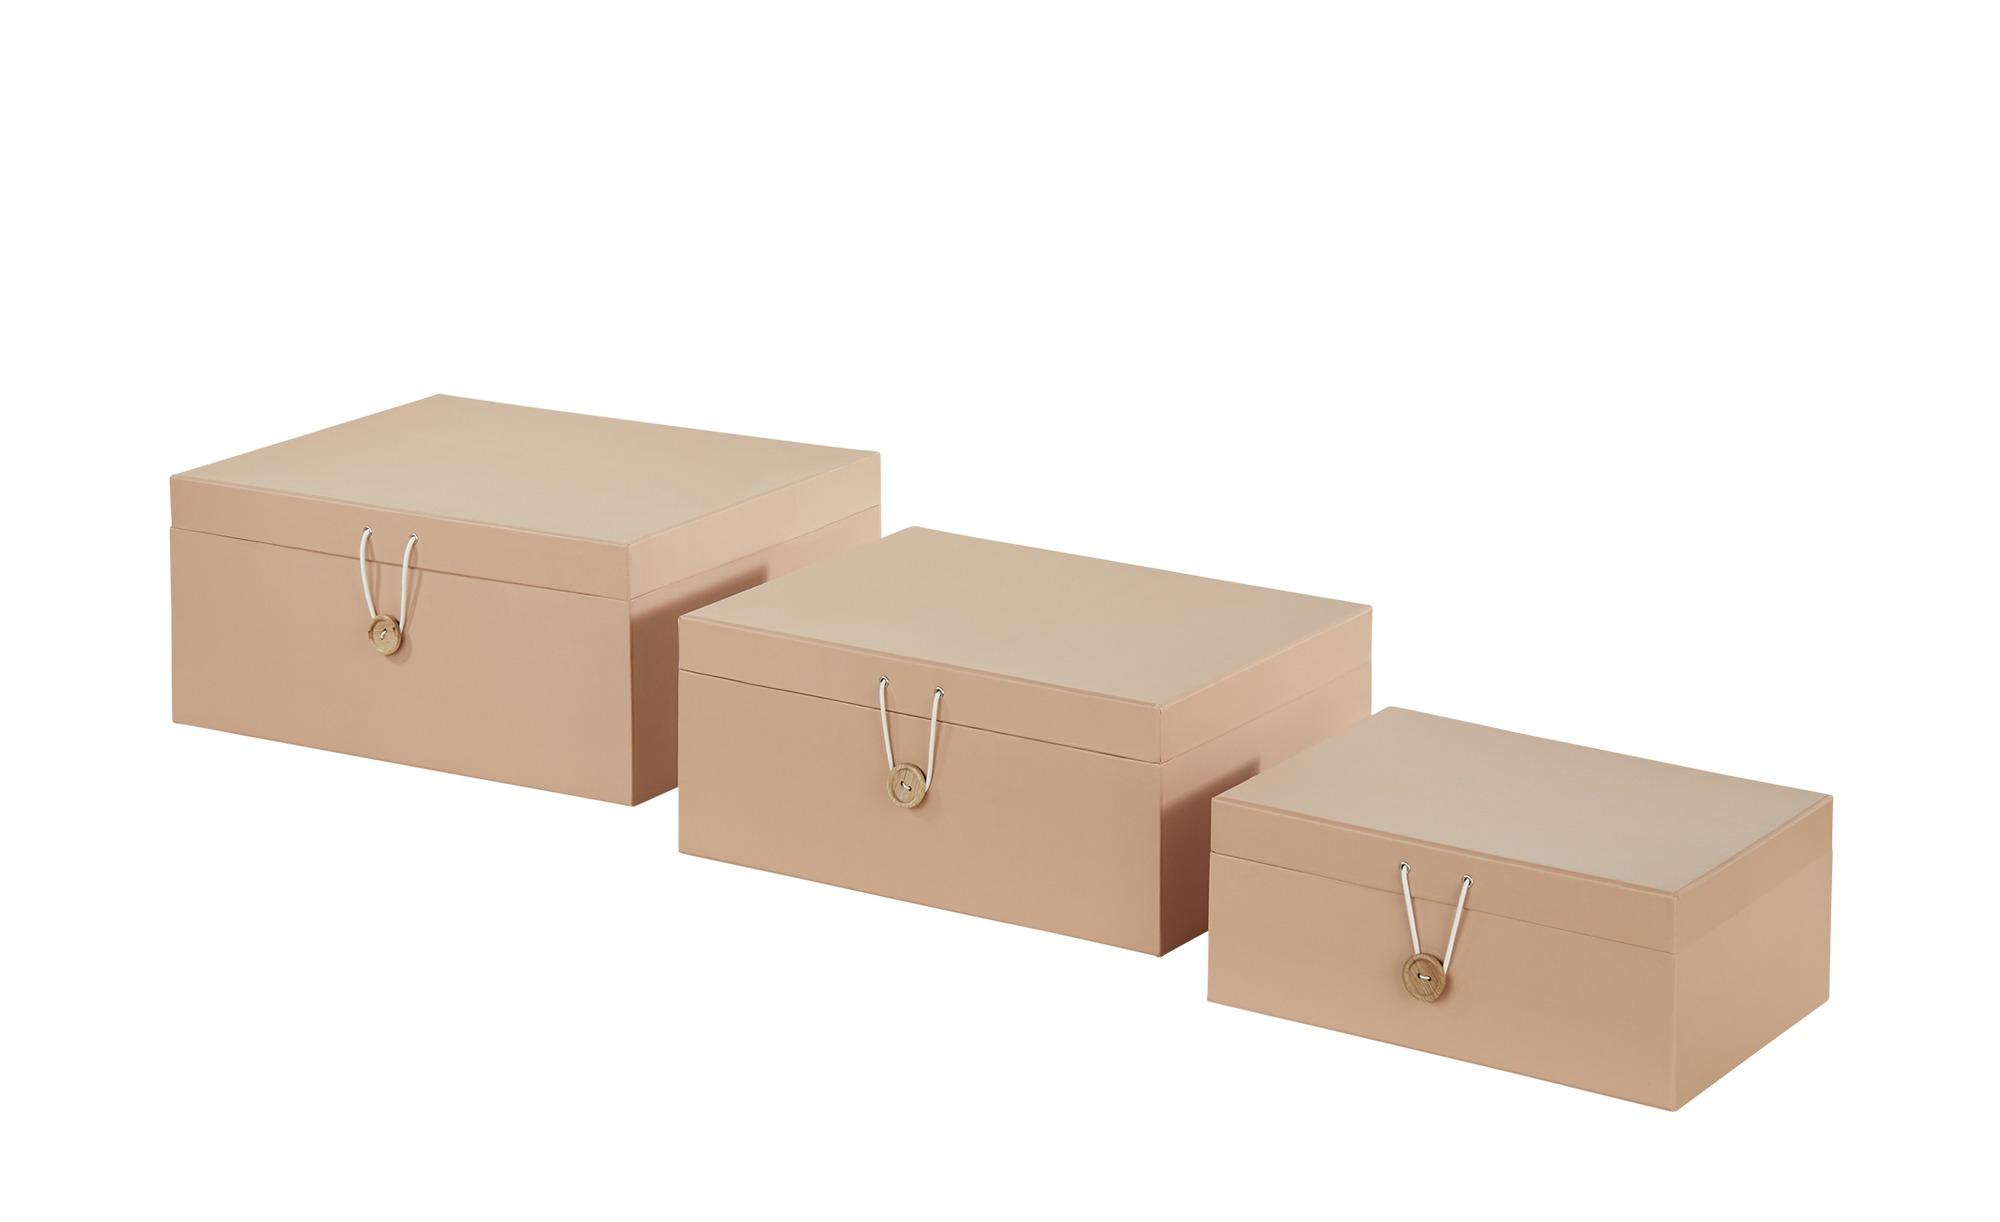 Aufbewahrungsboxen, 3er-Set ¦ beige ¦ Papier ¦ Maße (cm): B: 33,2 H: 14,8 T: 25,2 Regale > Regal-Aufbewahrungsboxen - Höffner